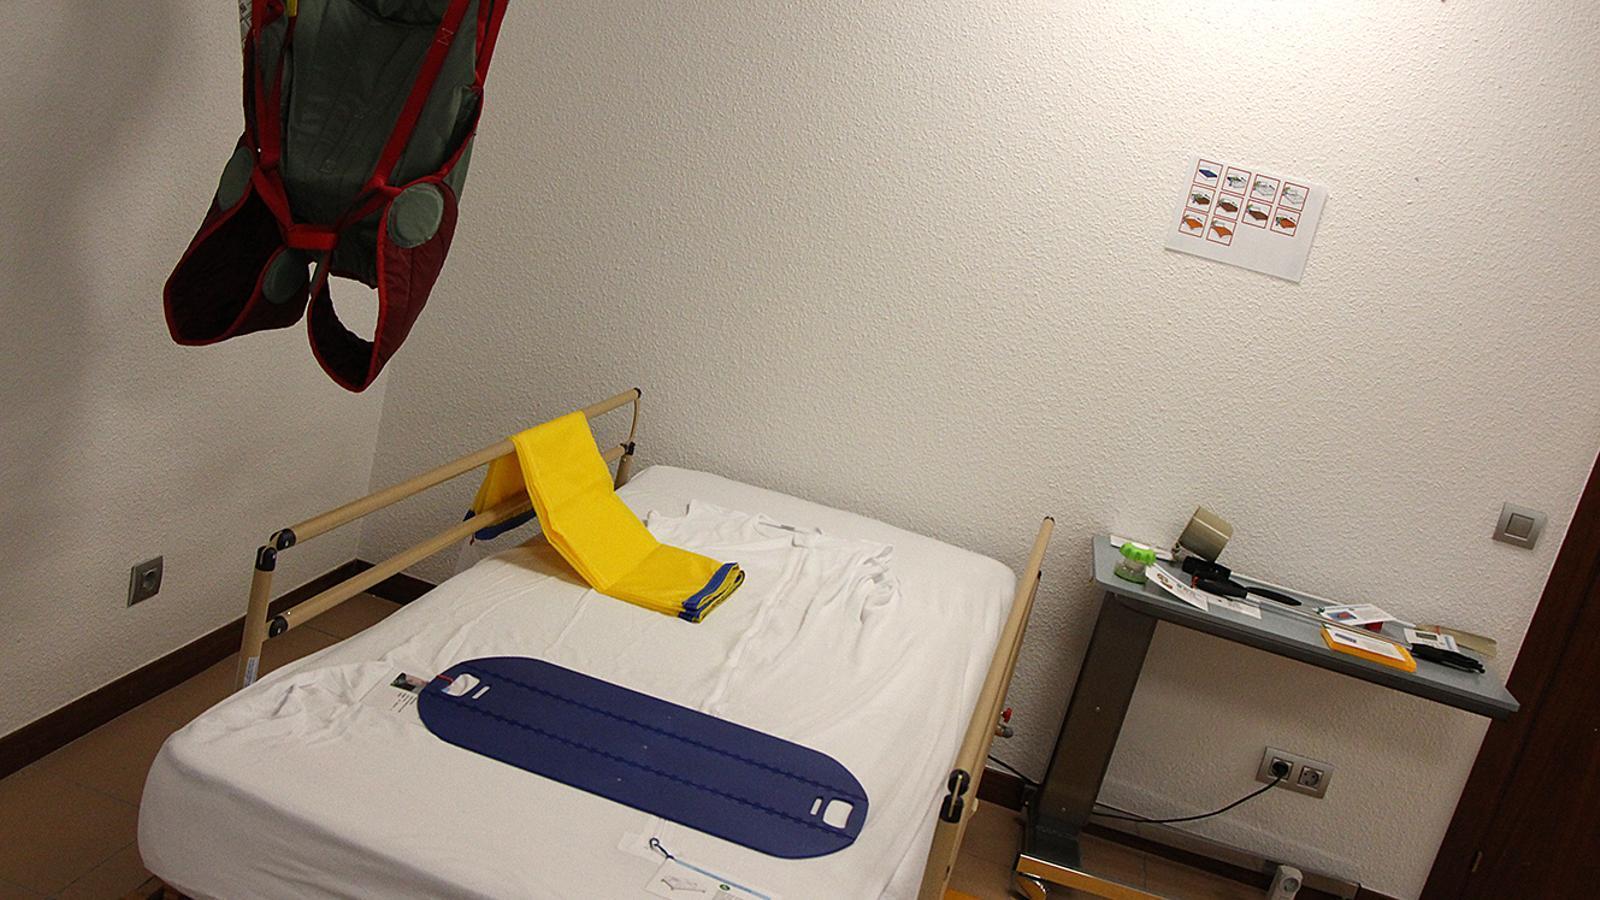 El llit i la grua instal·lats al pis mostra del Servei d'Assessorament i Subministrament de Productes de Suport./ M. M. (ANA)